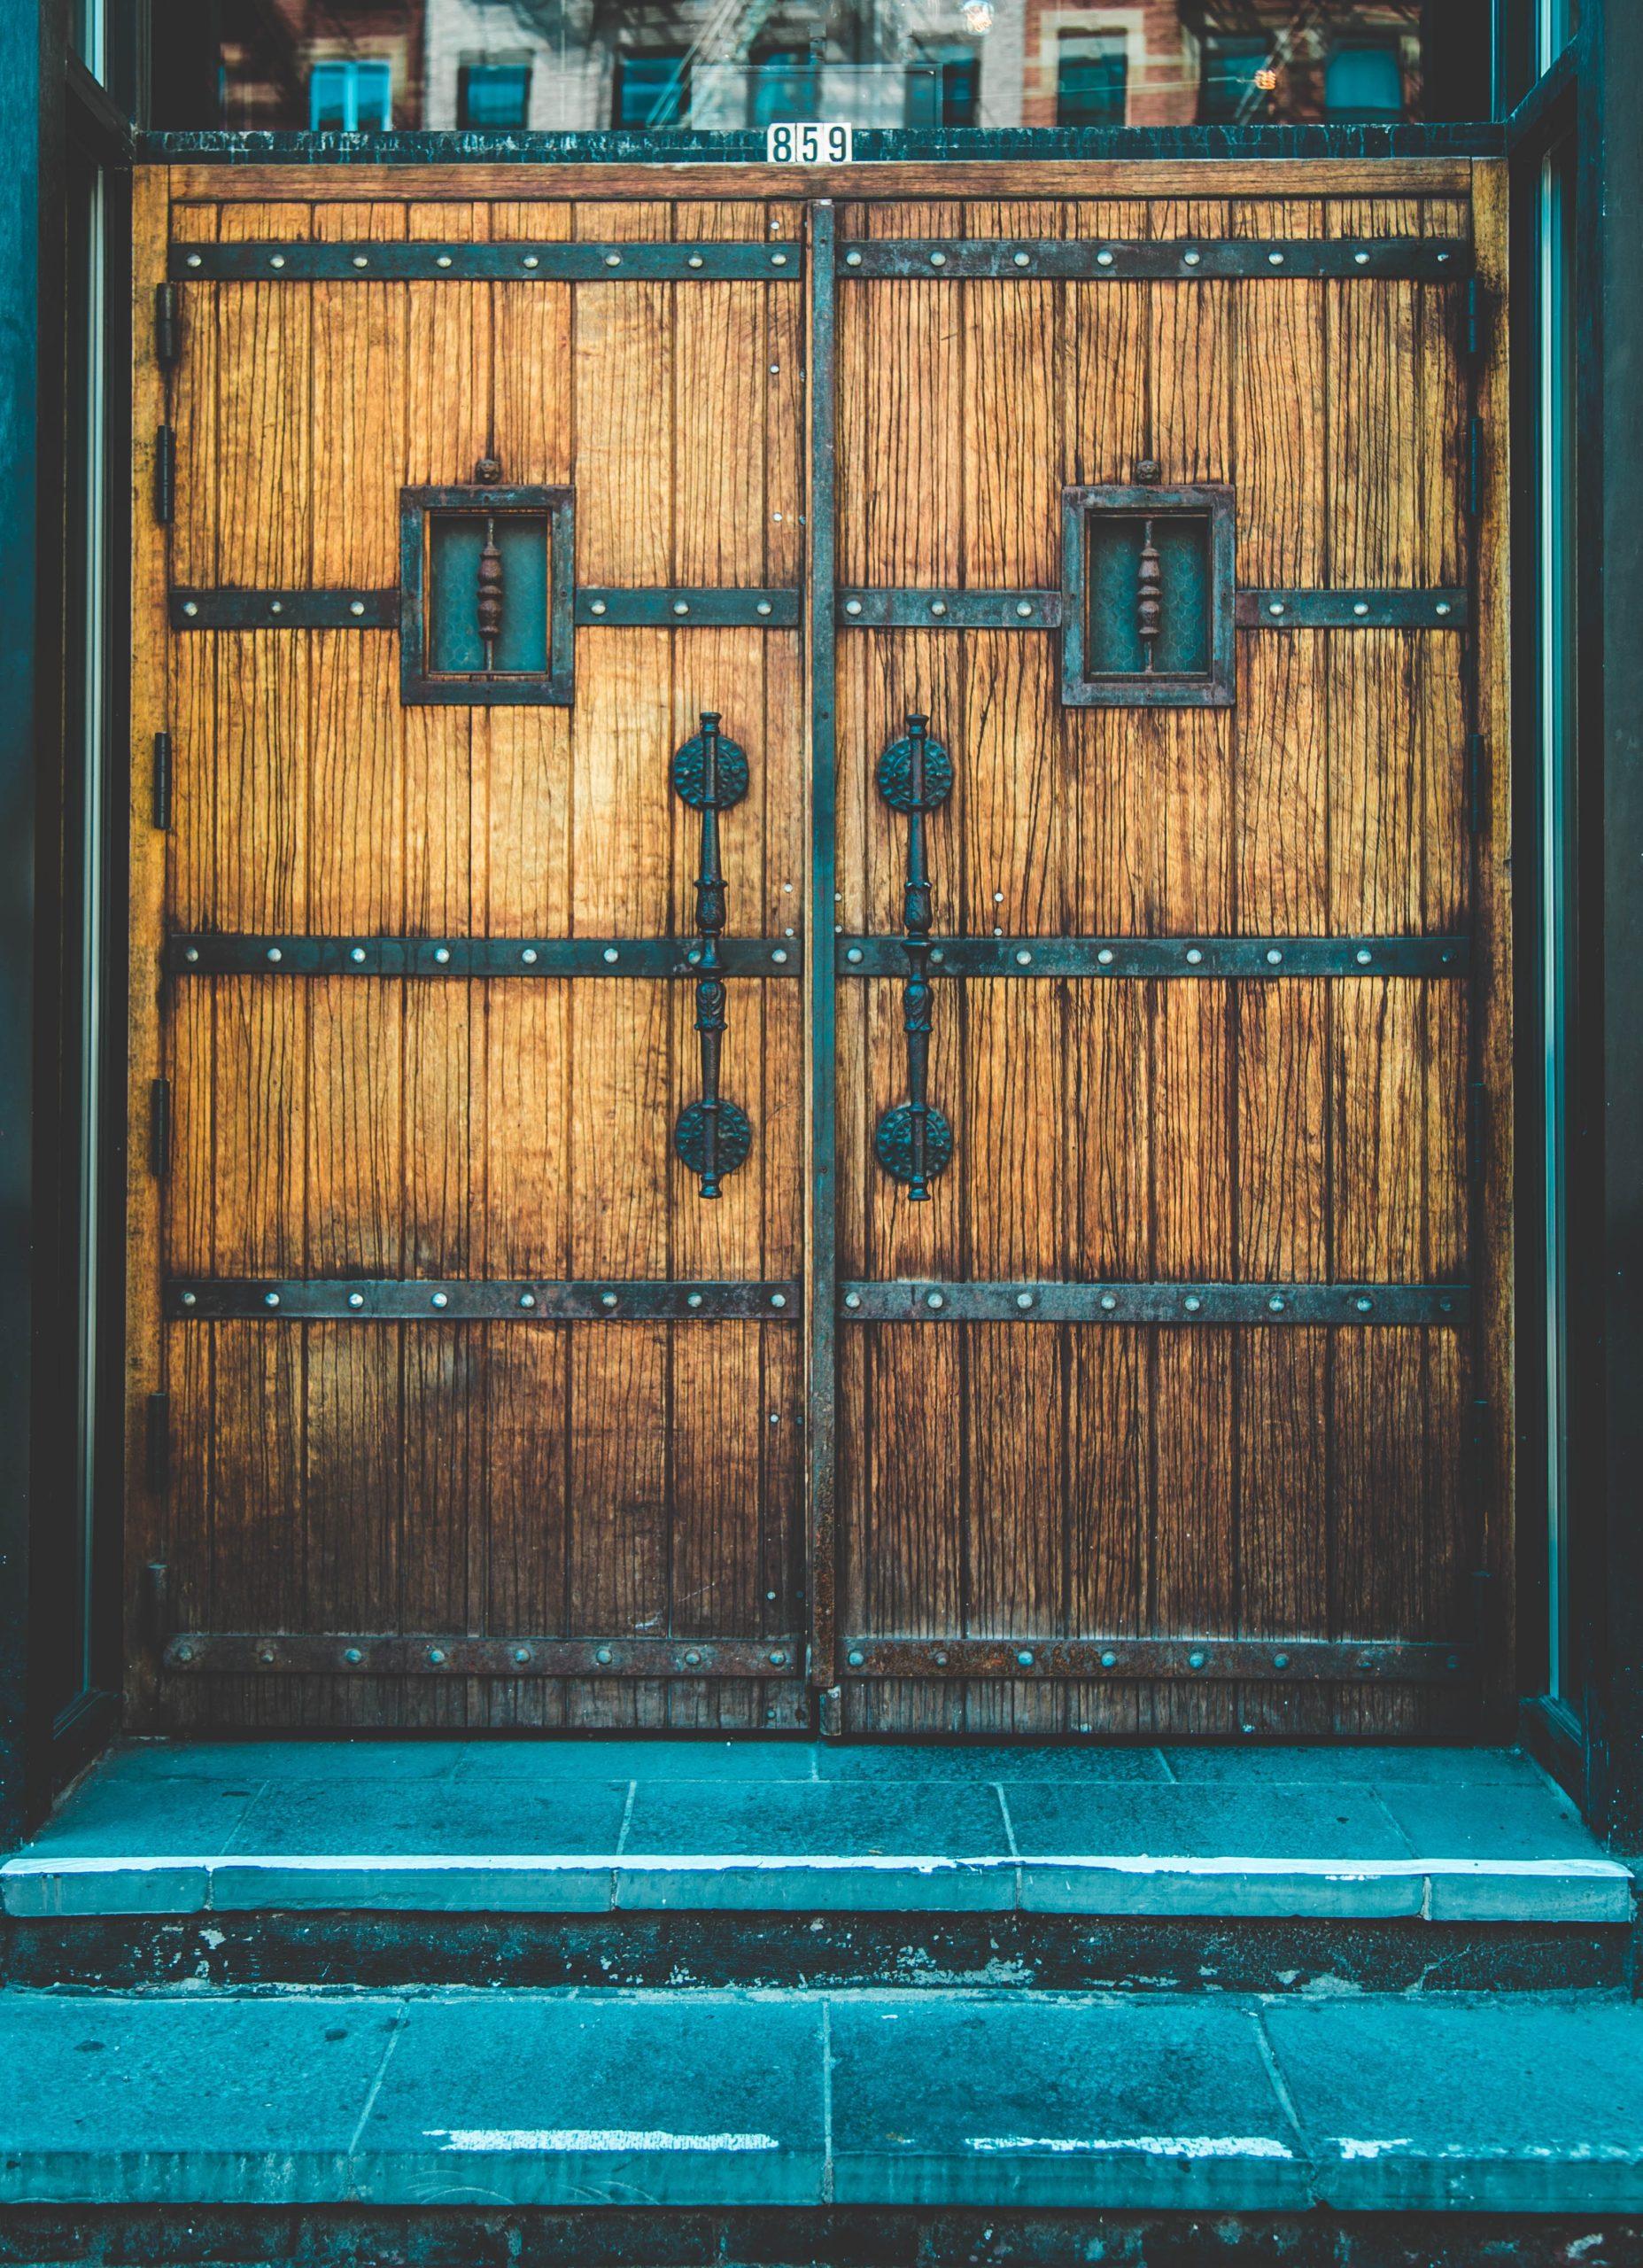 Pożyczka leasingowa na lakiernię i linię do klejenia drzwi [case study]